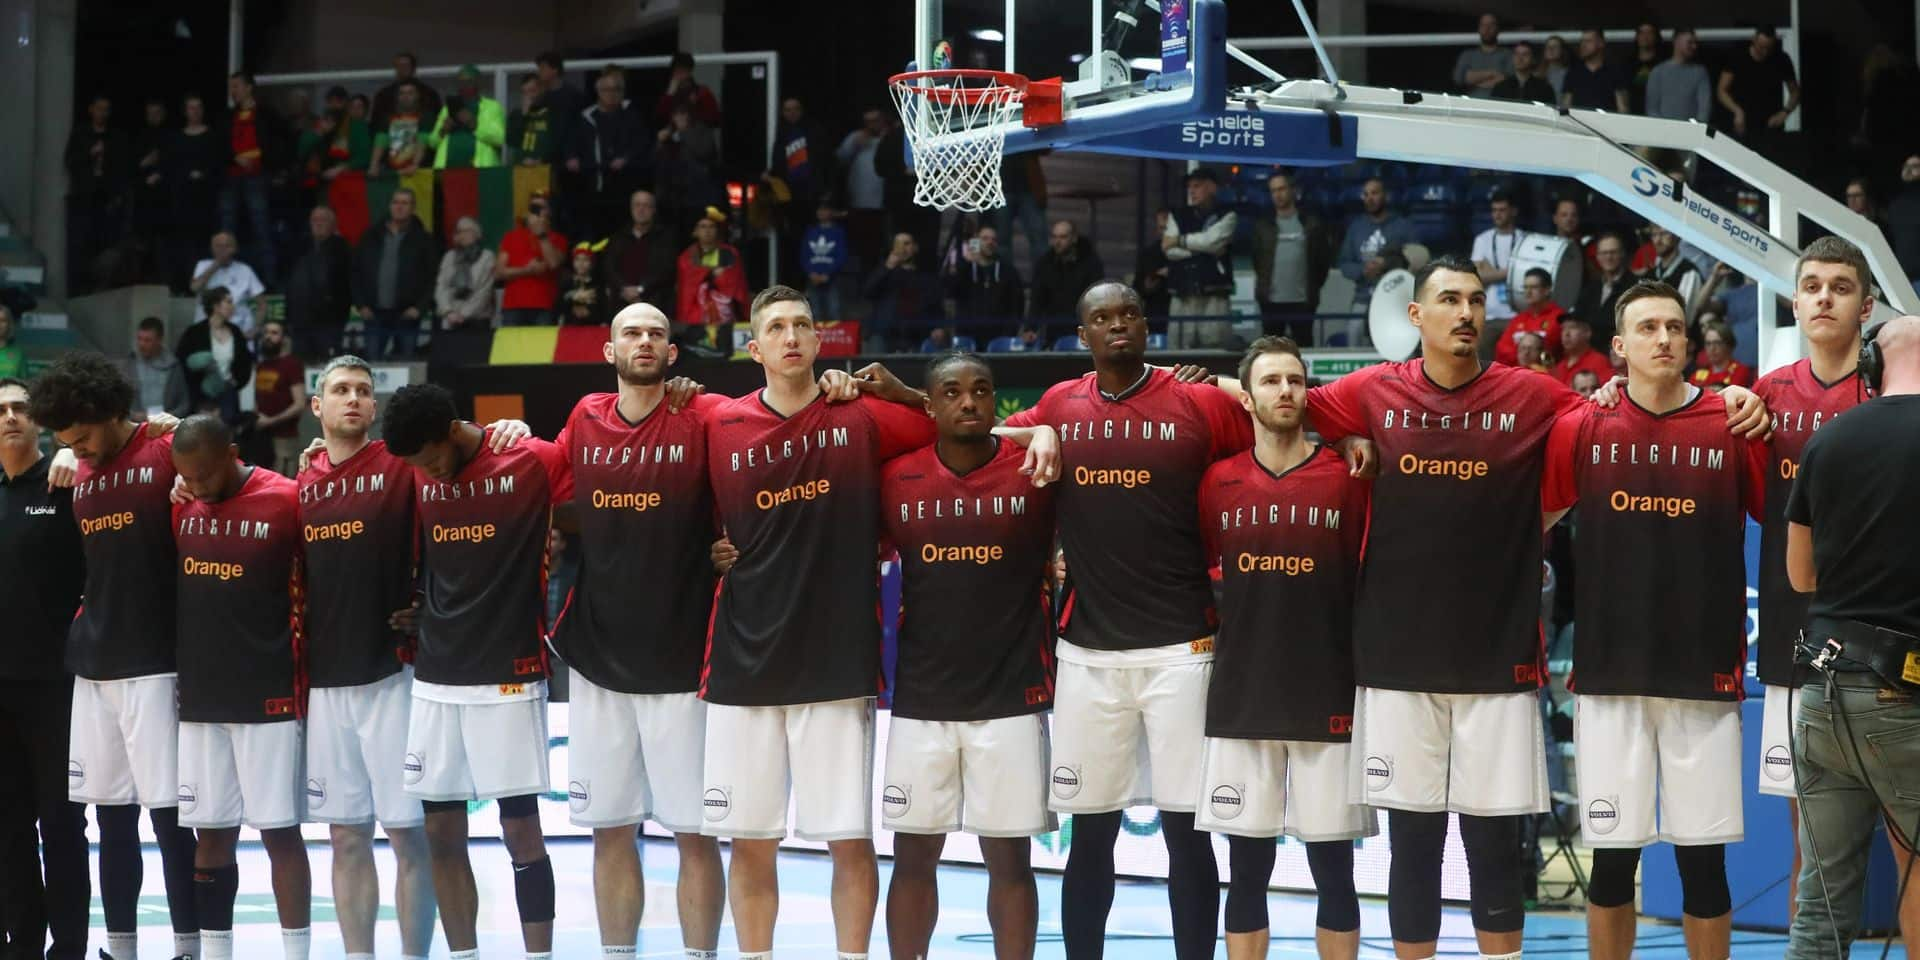 Euro de basket 2021: les Belgian Lions dominent facilement la Lituanie pour leur 1er match de qualification